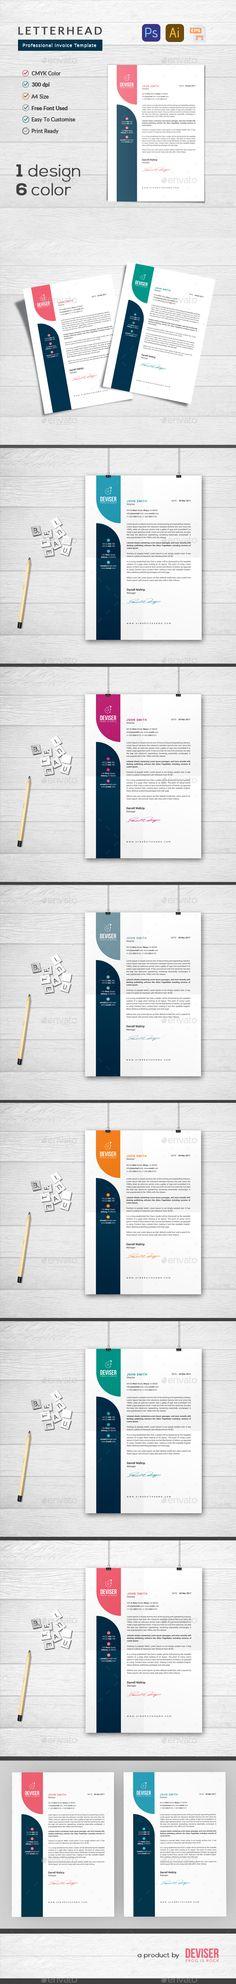 Letterhead Template PSD, Vector EPS, AI Illustrator